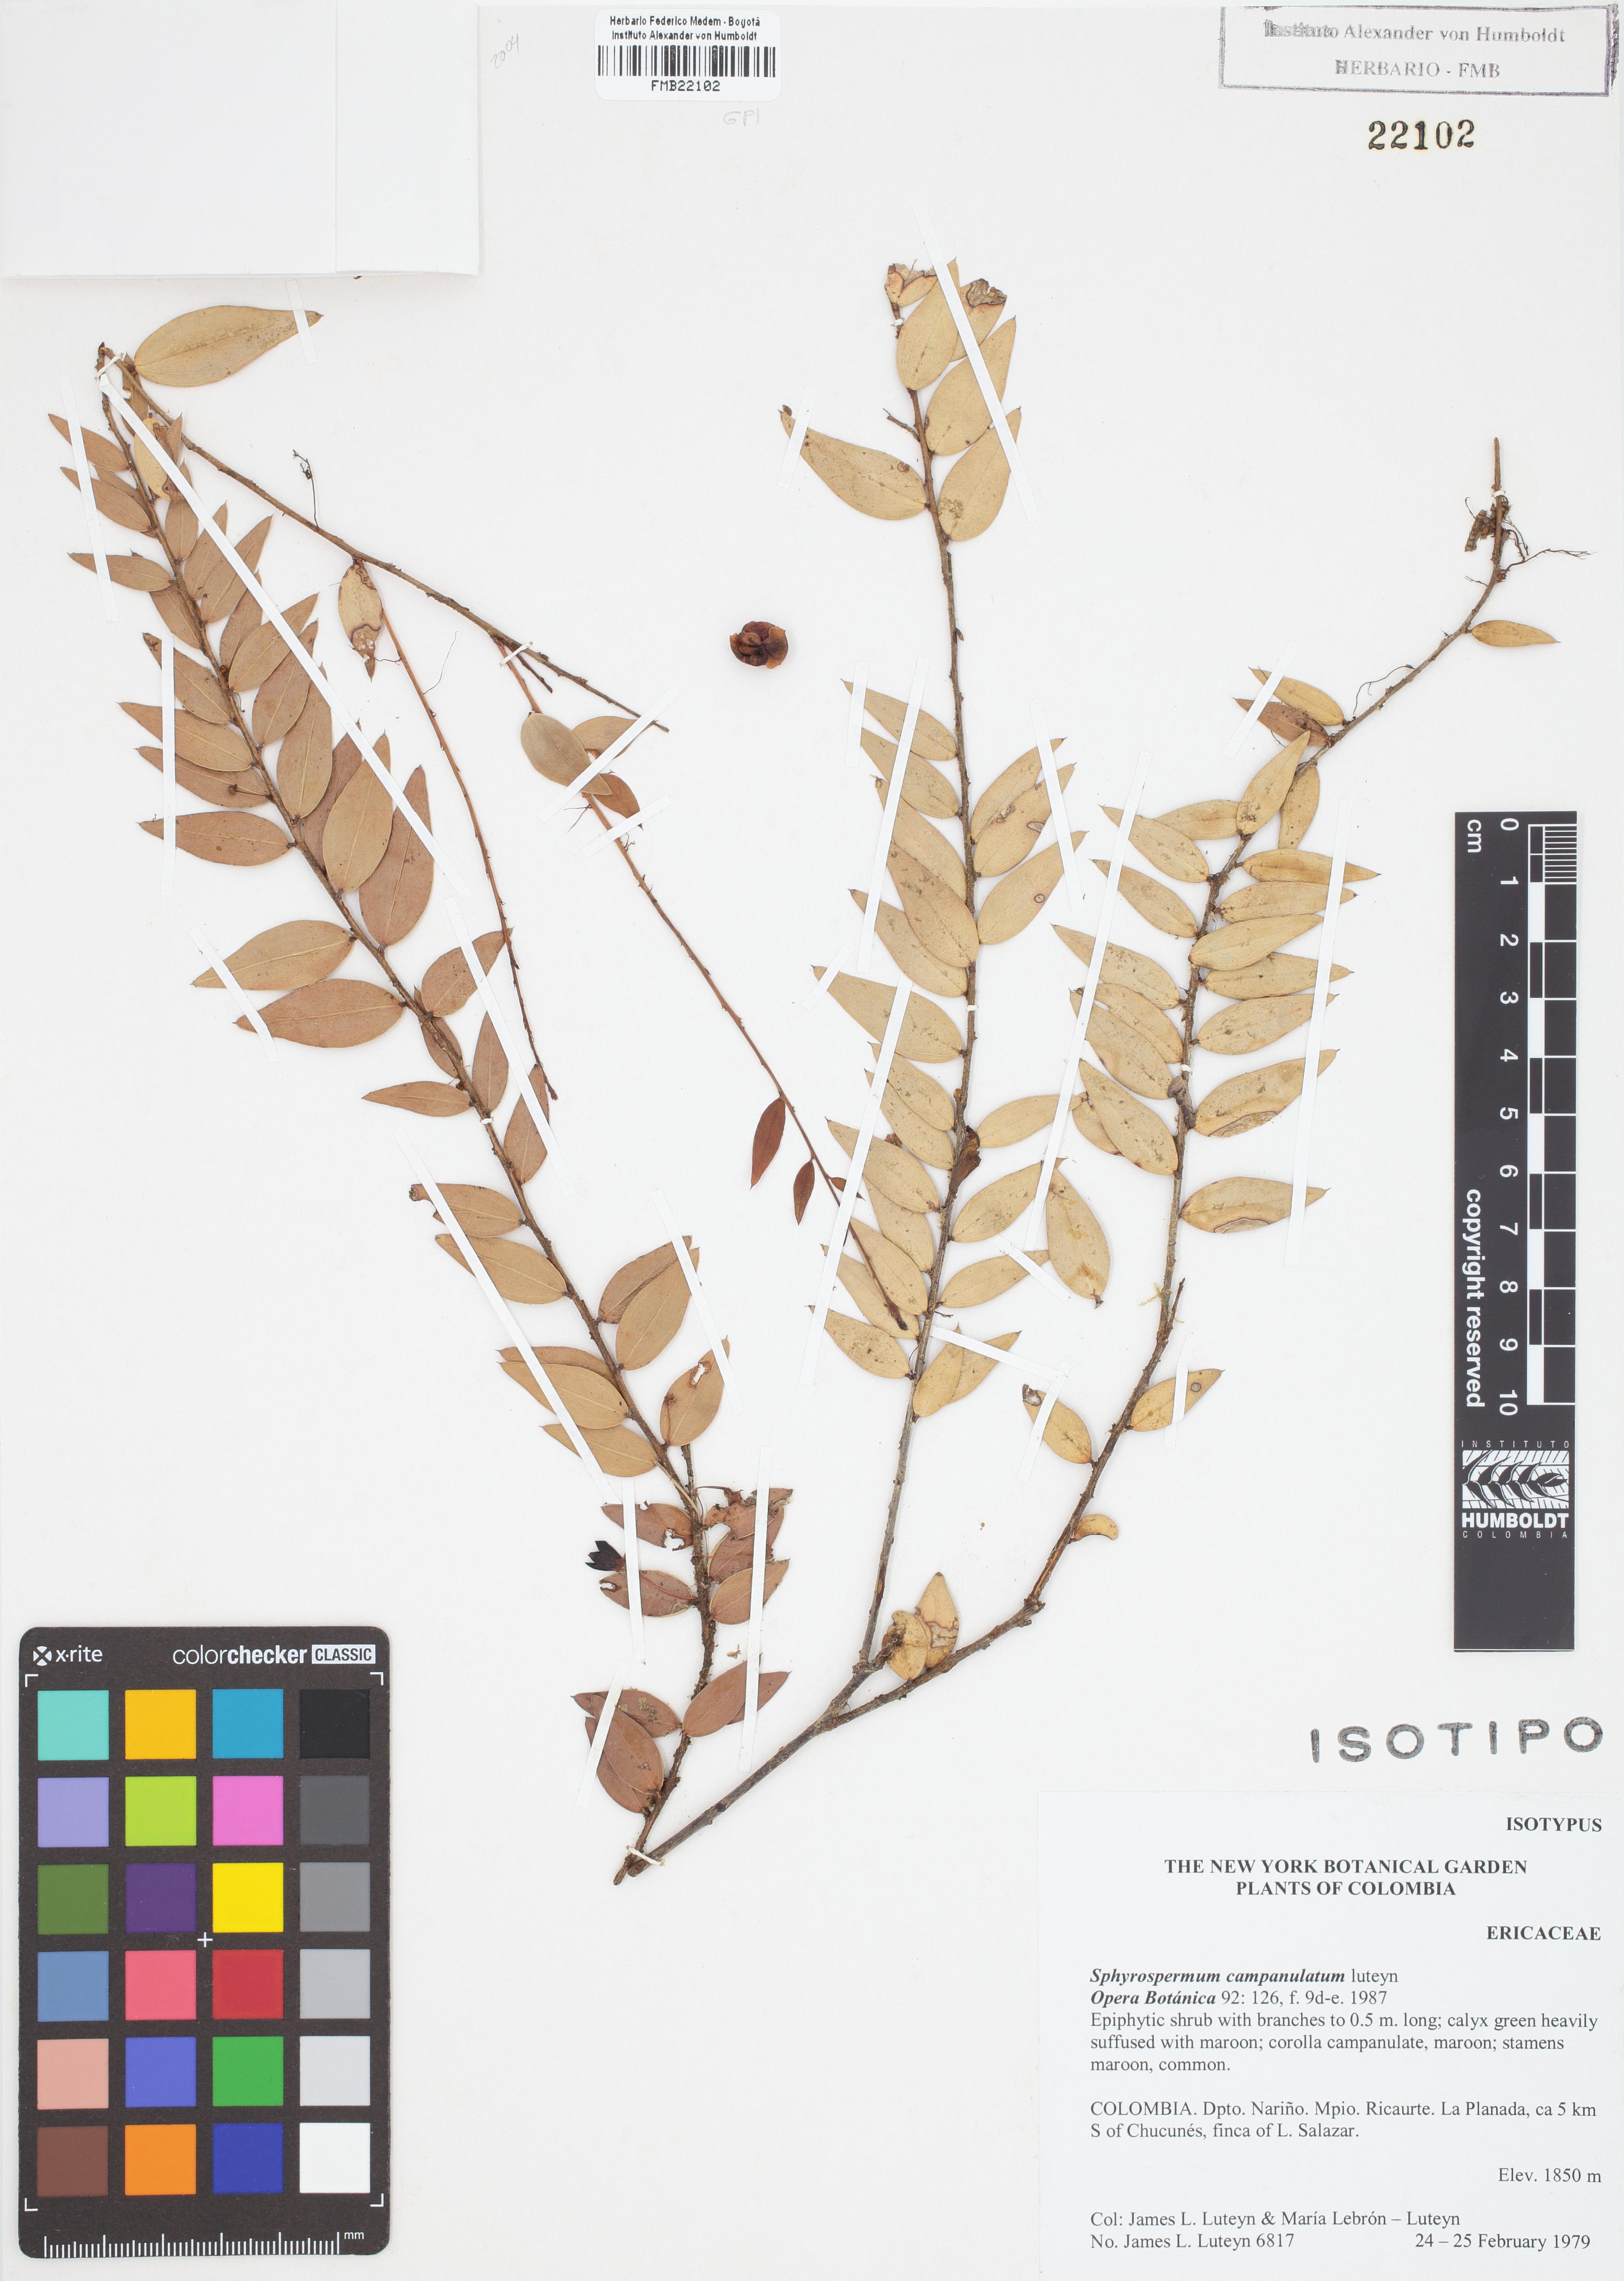 Isotipo de <em>Sphyrospermum campanulatum</em>, FMB-22102, Fotografía por Robles A.